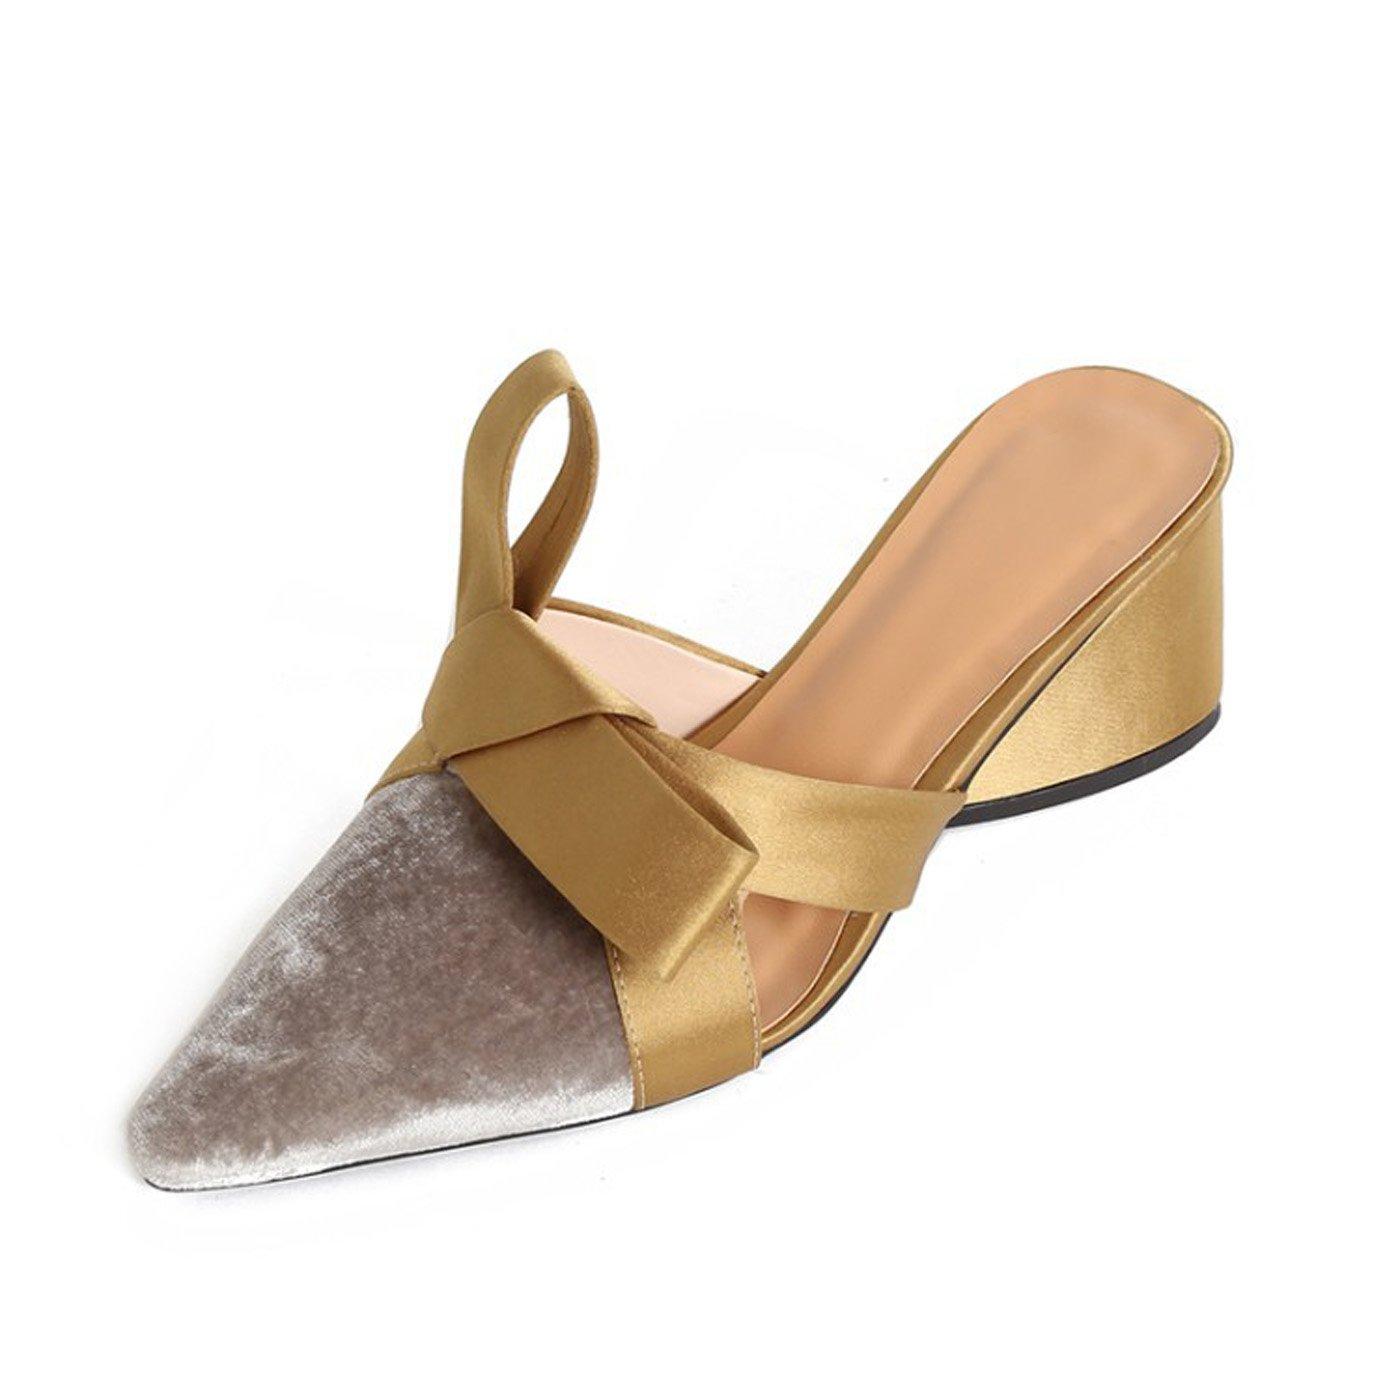 ZXMXY Damenschuhe Comfort Chunky Heel Sandaleen Freizeitschuhe für Gold Silber Frühling Sommer Herbst Sandaleen im Freien